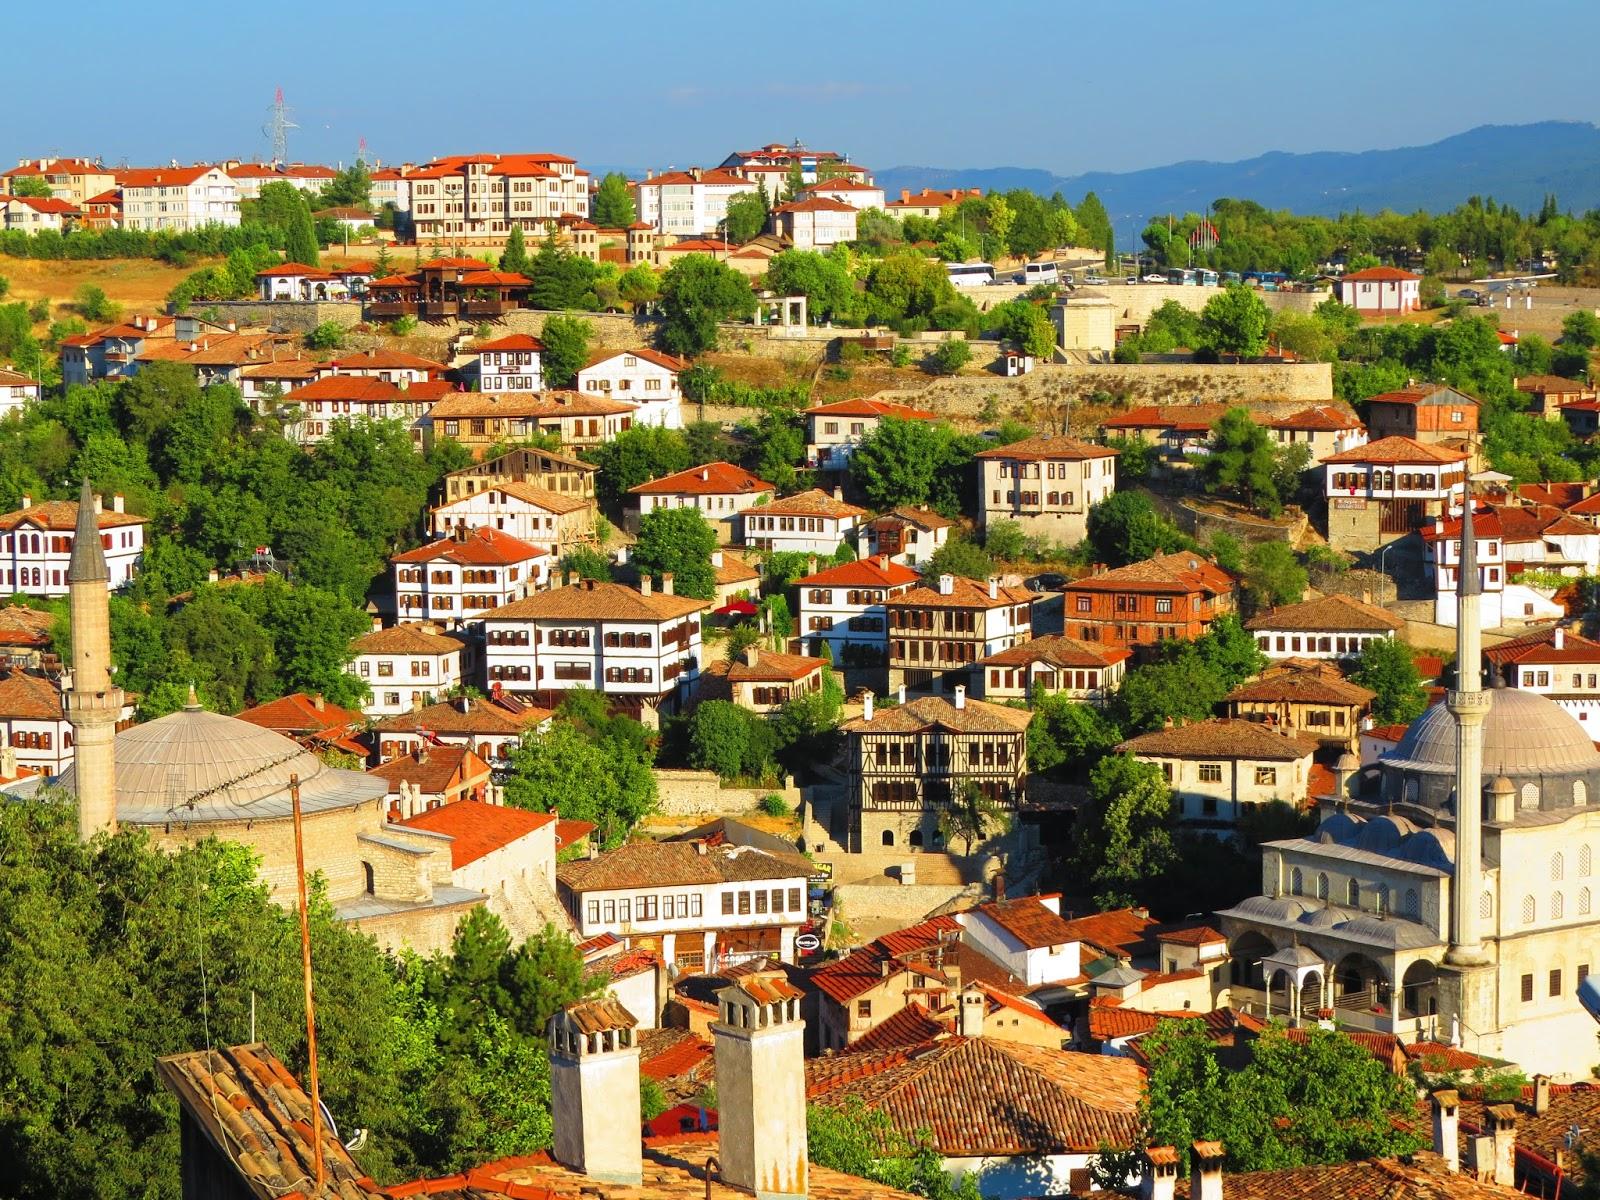 浩然行腳: 土耳其旅遊之一──番紅花城